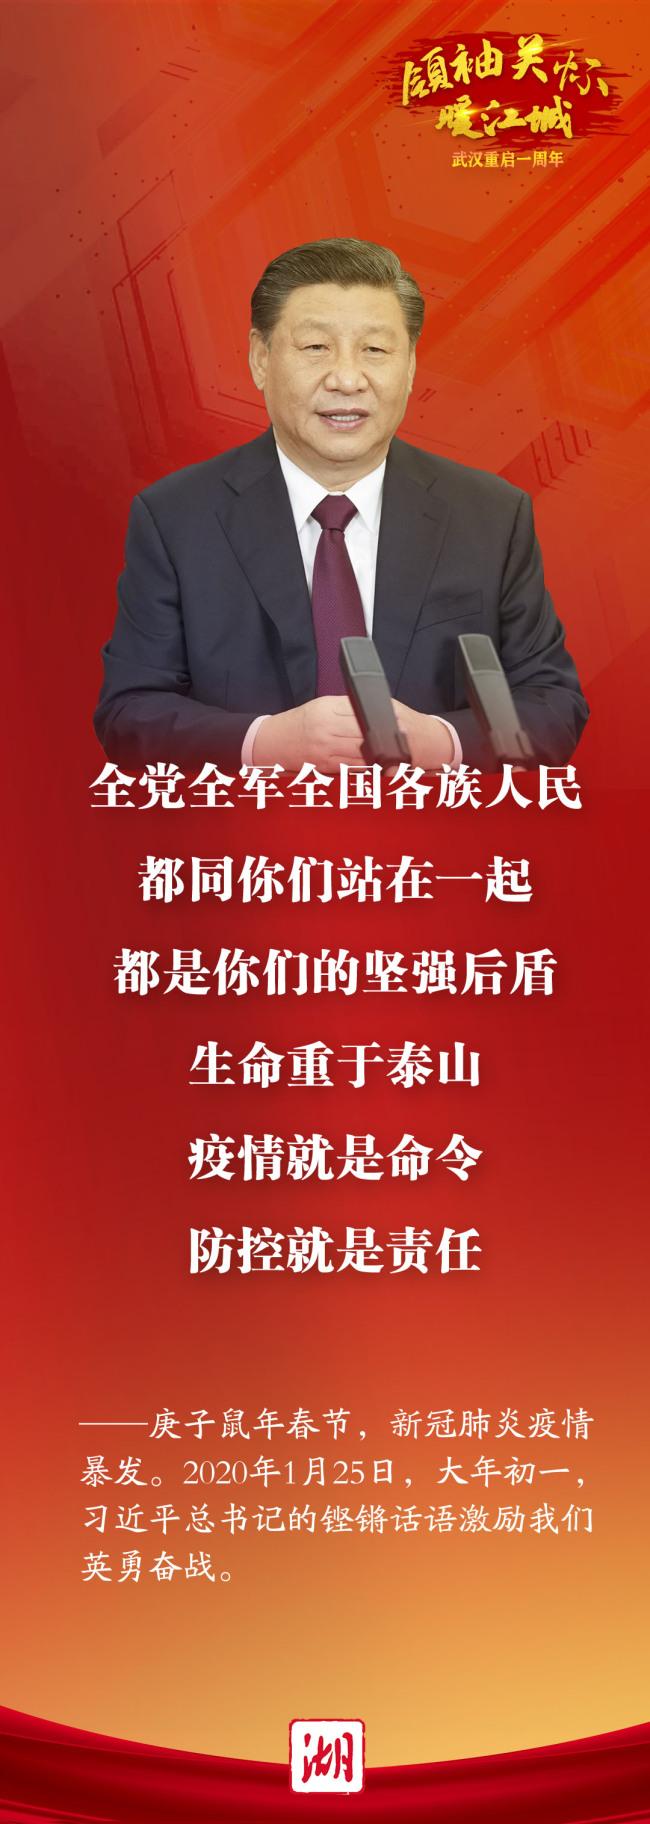 领袖关怀暖江城